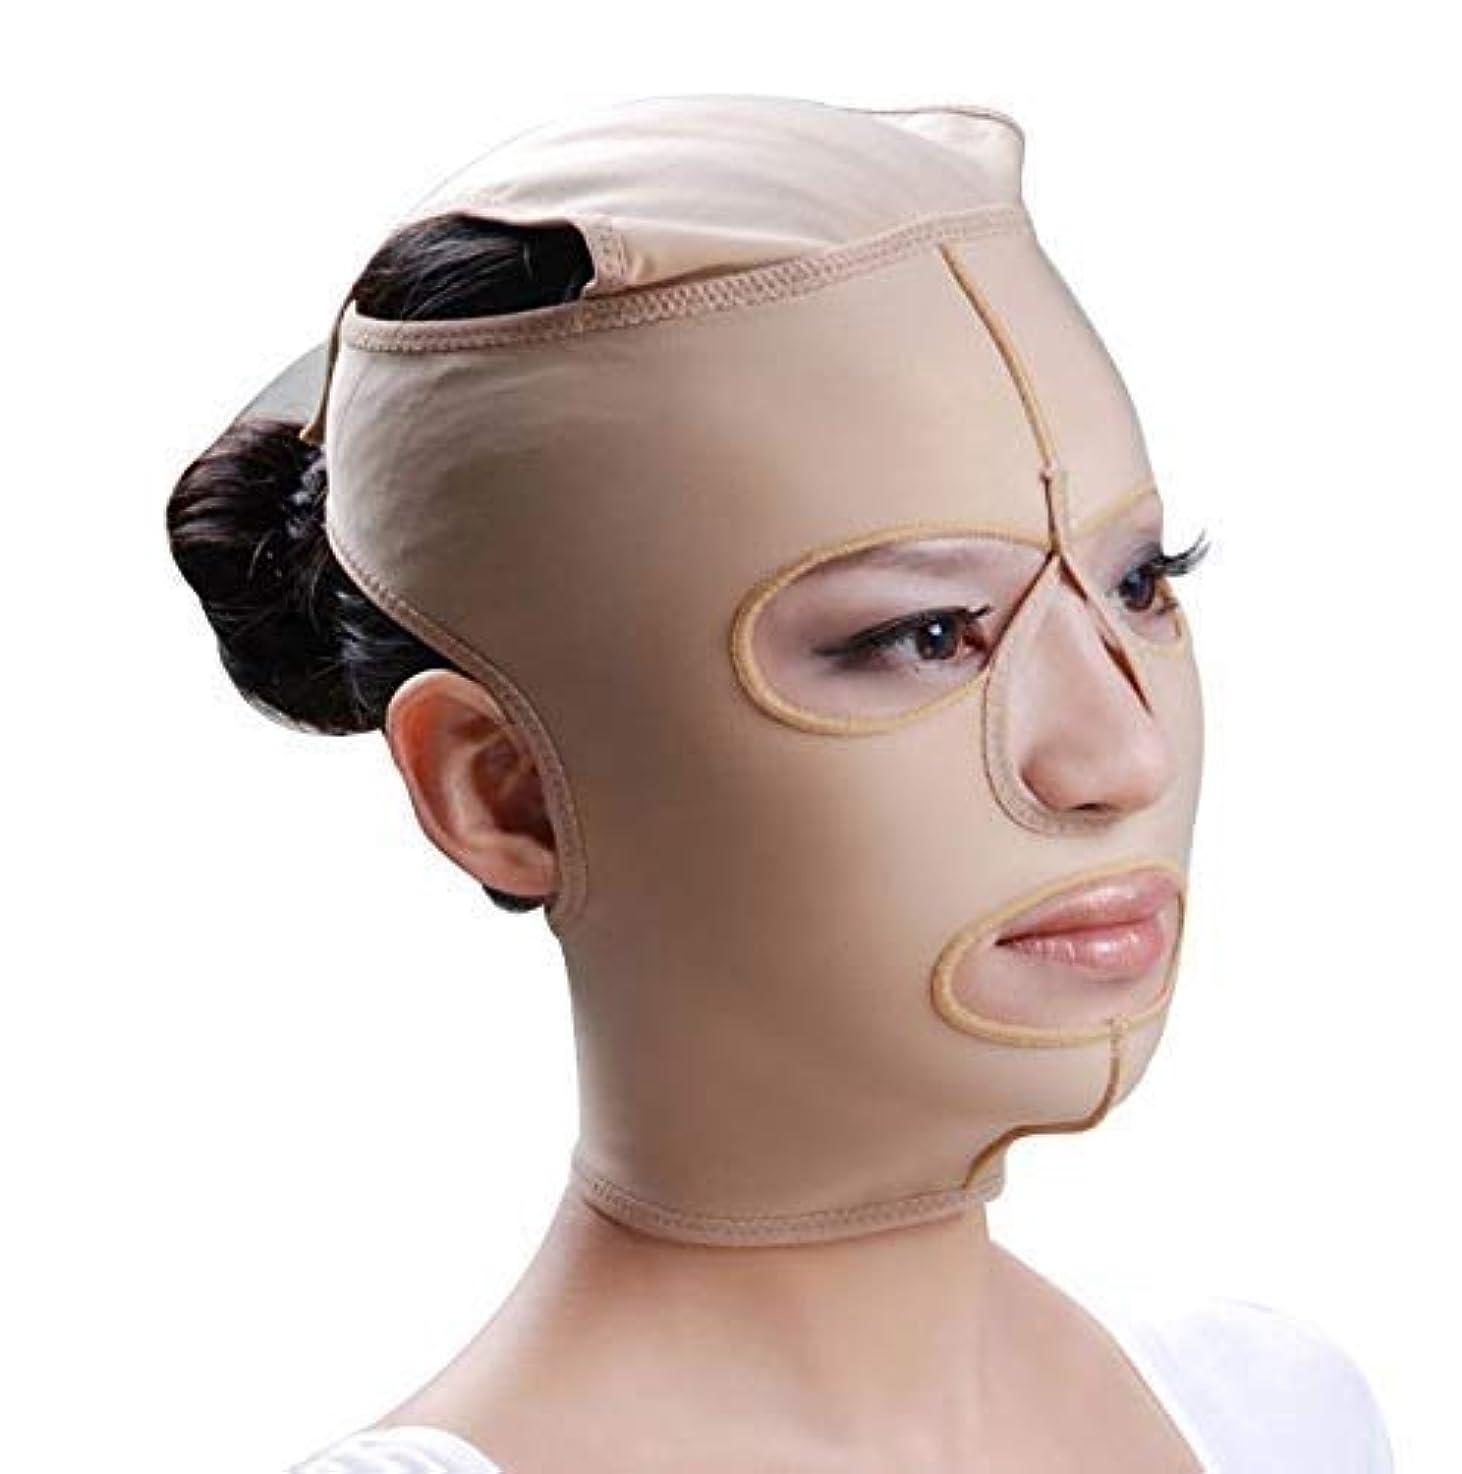 ワーム悪因子導出ファーミングフェイスマスク、フェイシャルマスク弾性フェイスリフティングリフティングファーミングパターンマイクロフィニッシングポストモデリングコンプレッションフェイスマスク(サイズ:L)